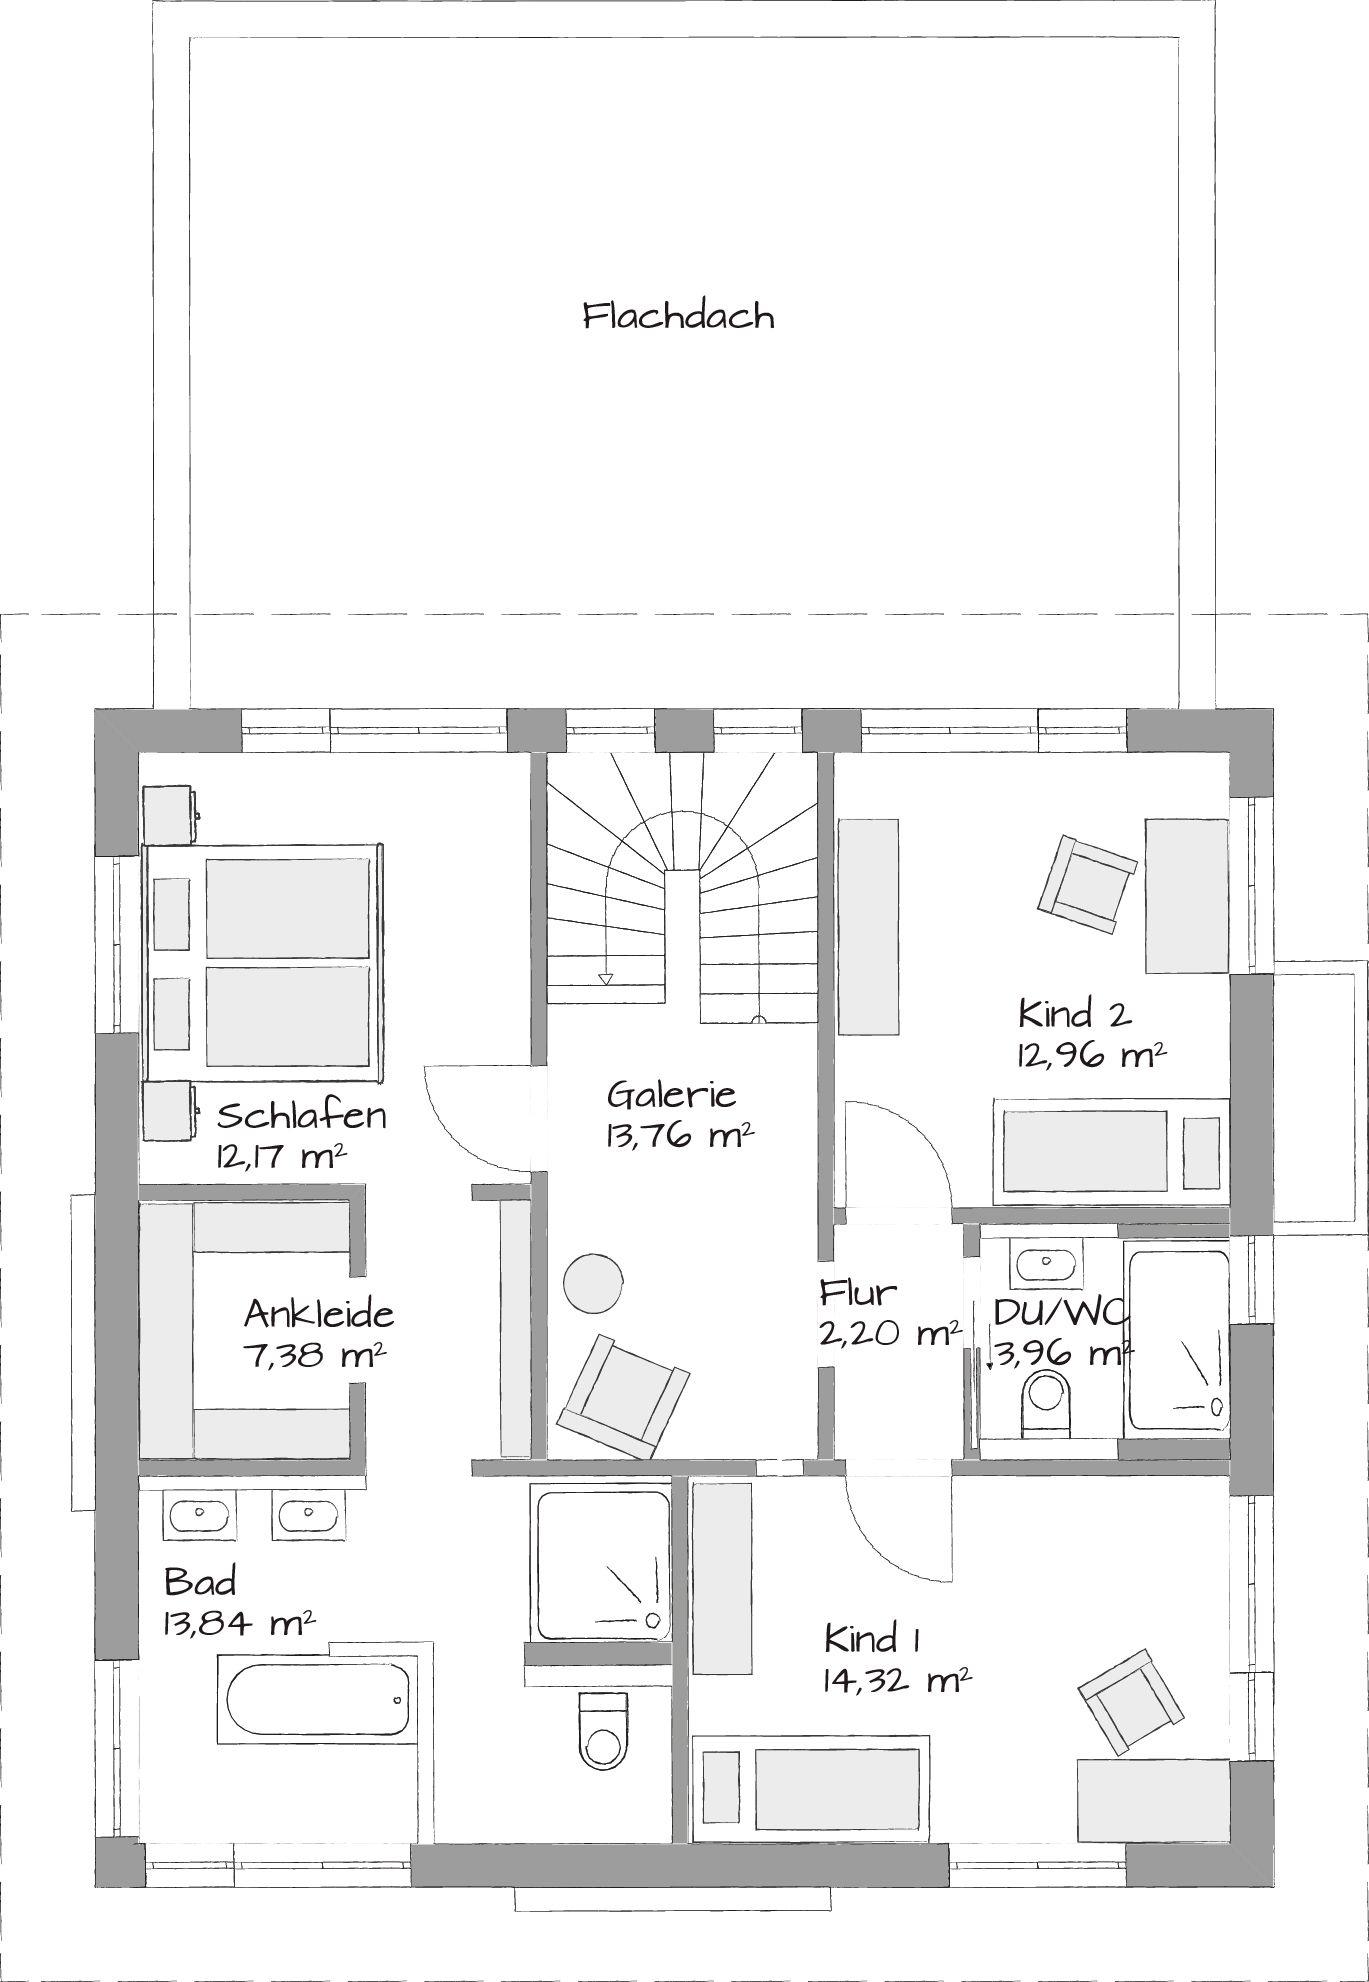 Oberer Stock, Dachterrasse Ergänzen